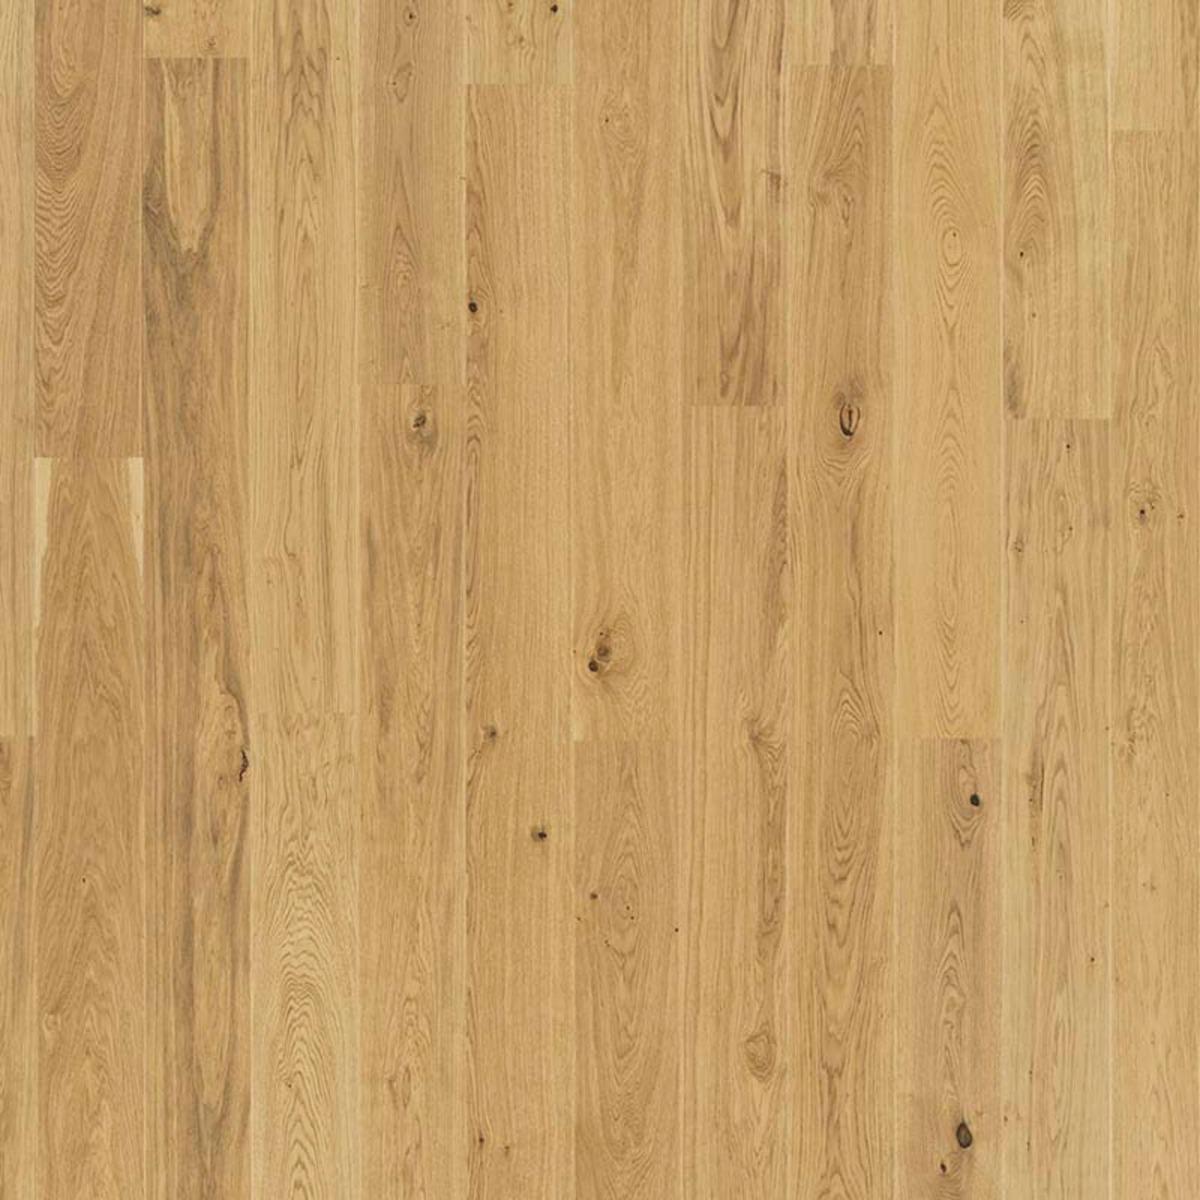 Tarkett Pure Ek Rustic 1-Stav - Mattlack - Parkettgolv - 2200 MM - 13 MM